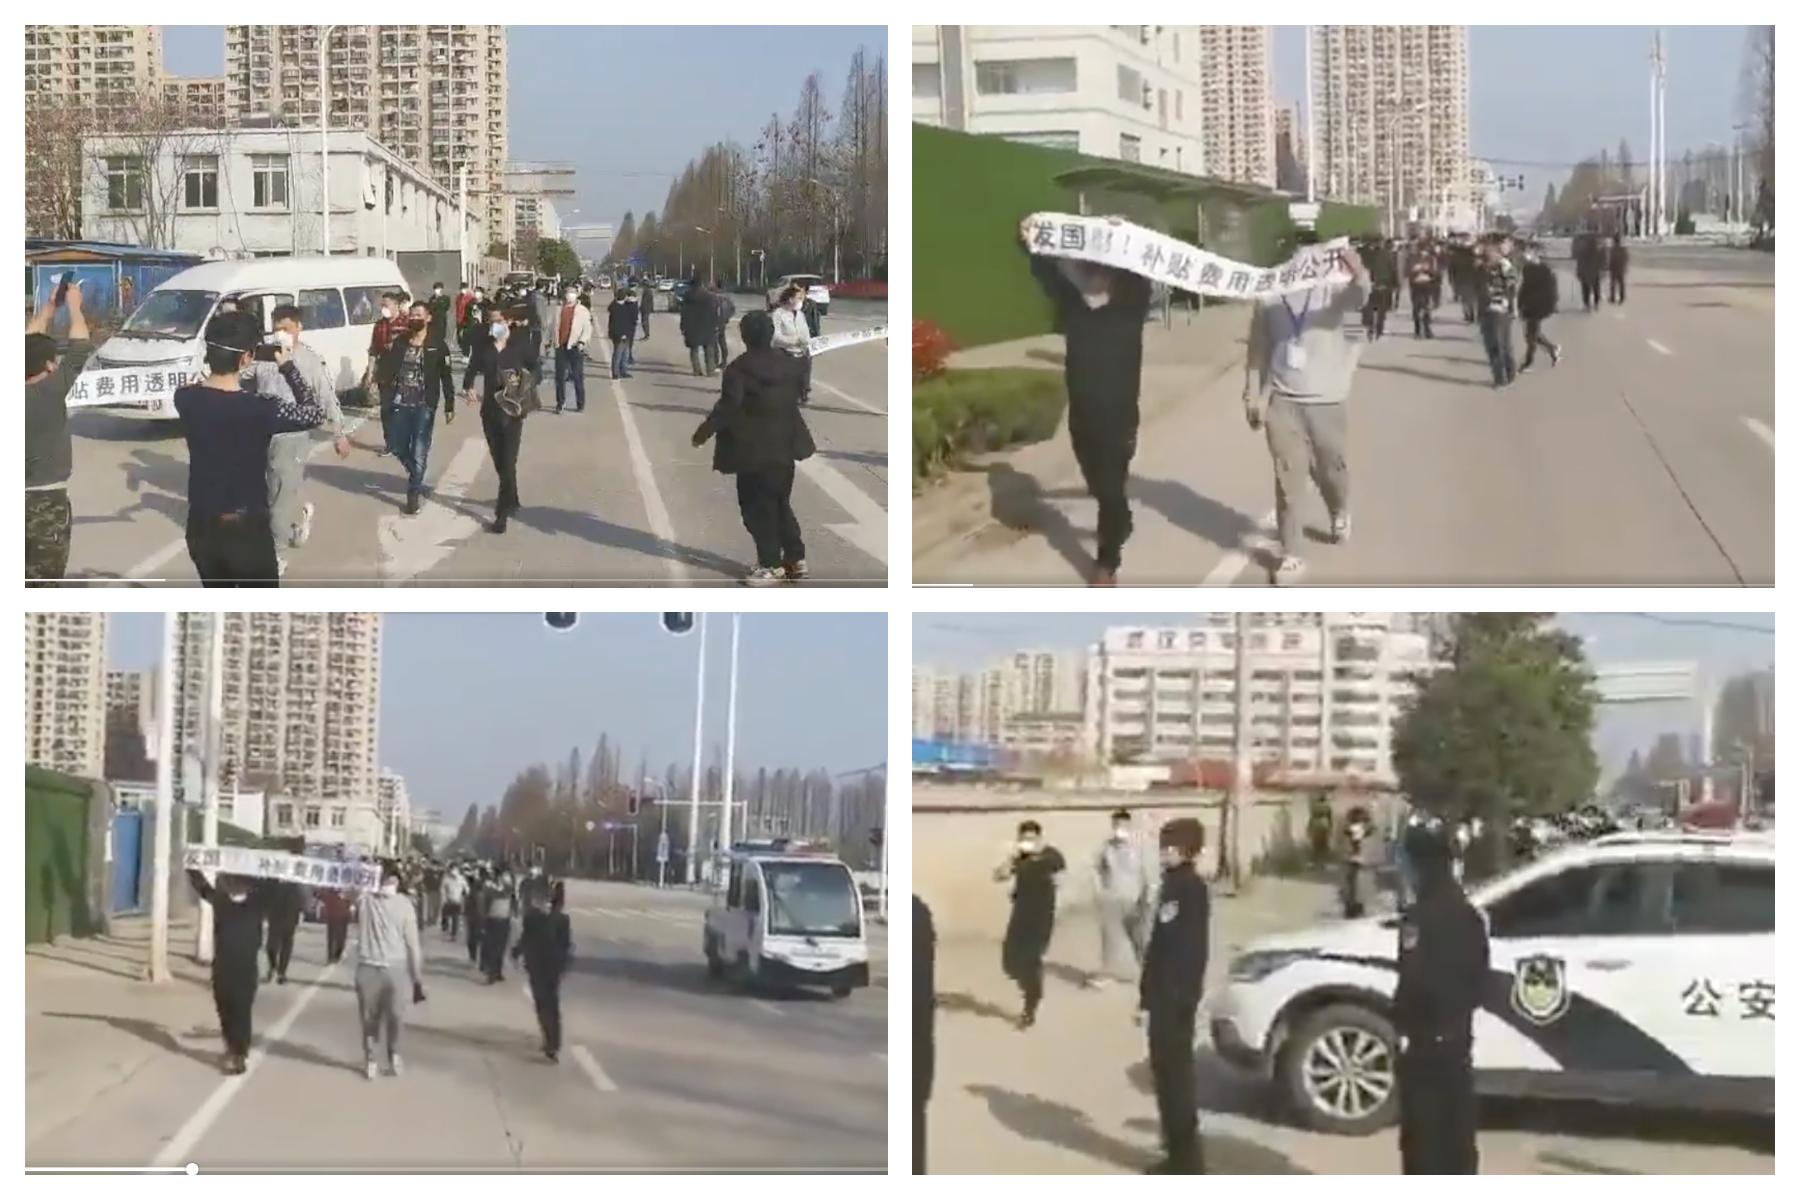 【一線採訪】補貼被扣 武漢志願者上街抗議